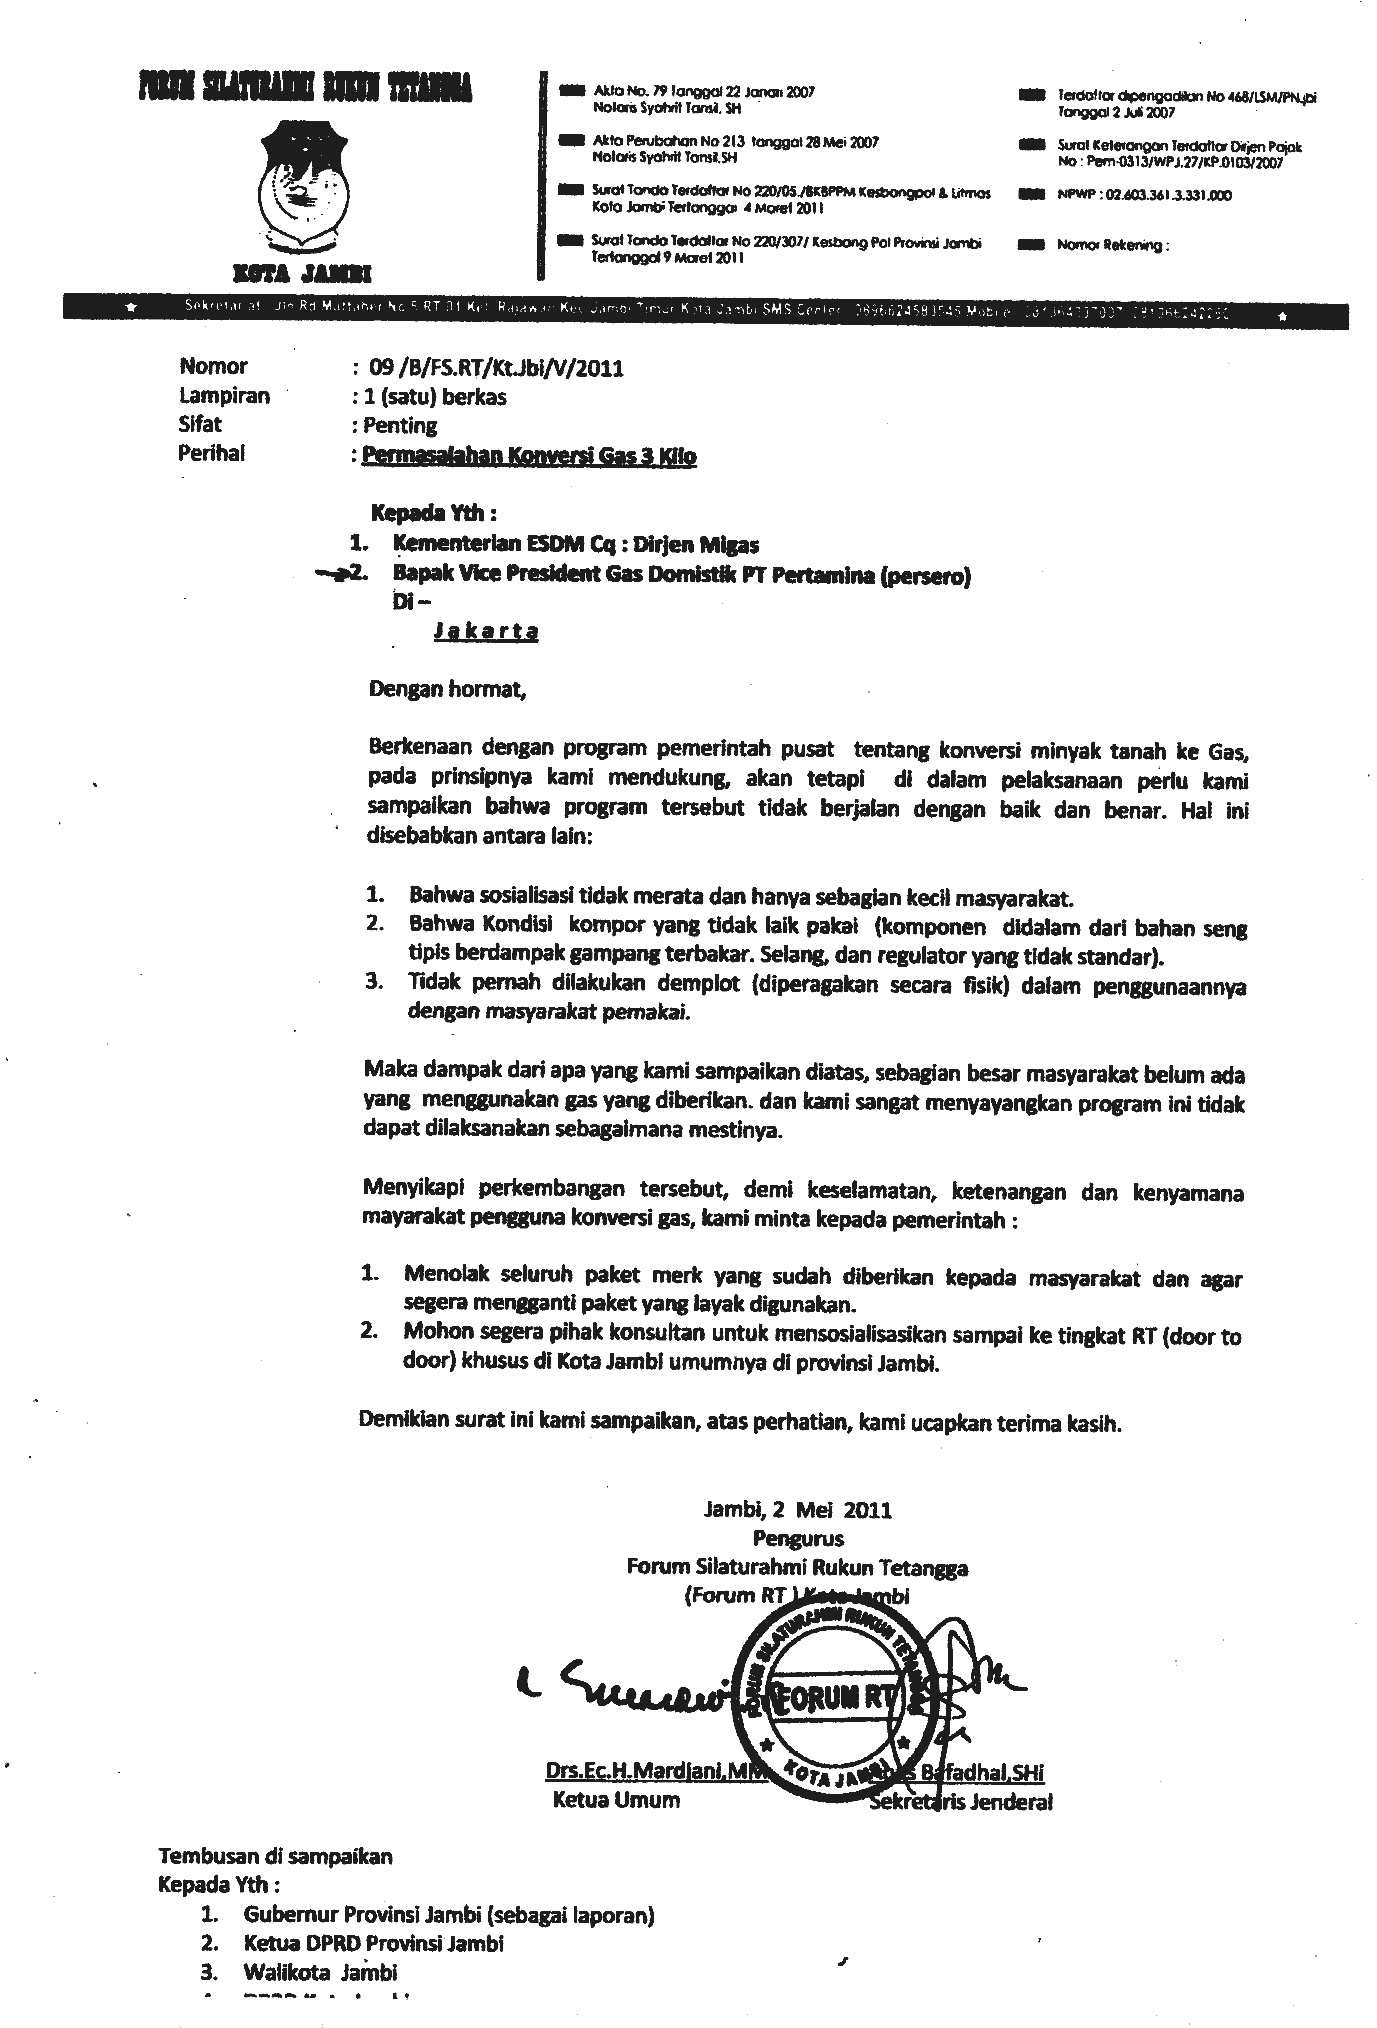 Contoh Surat Balasan Resmi Pemerintah Surasmi I